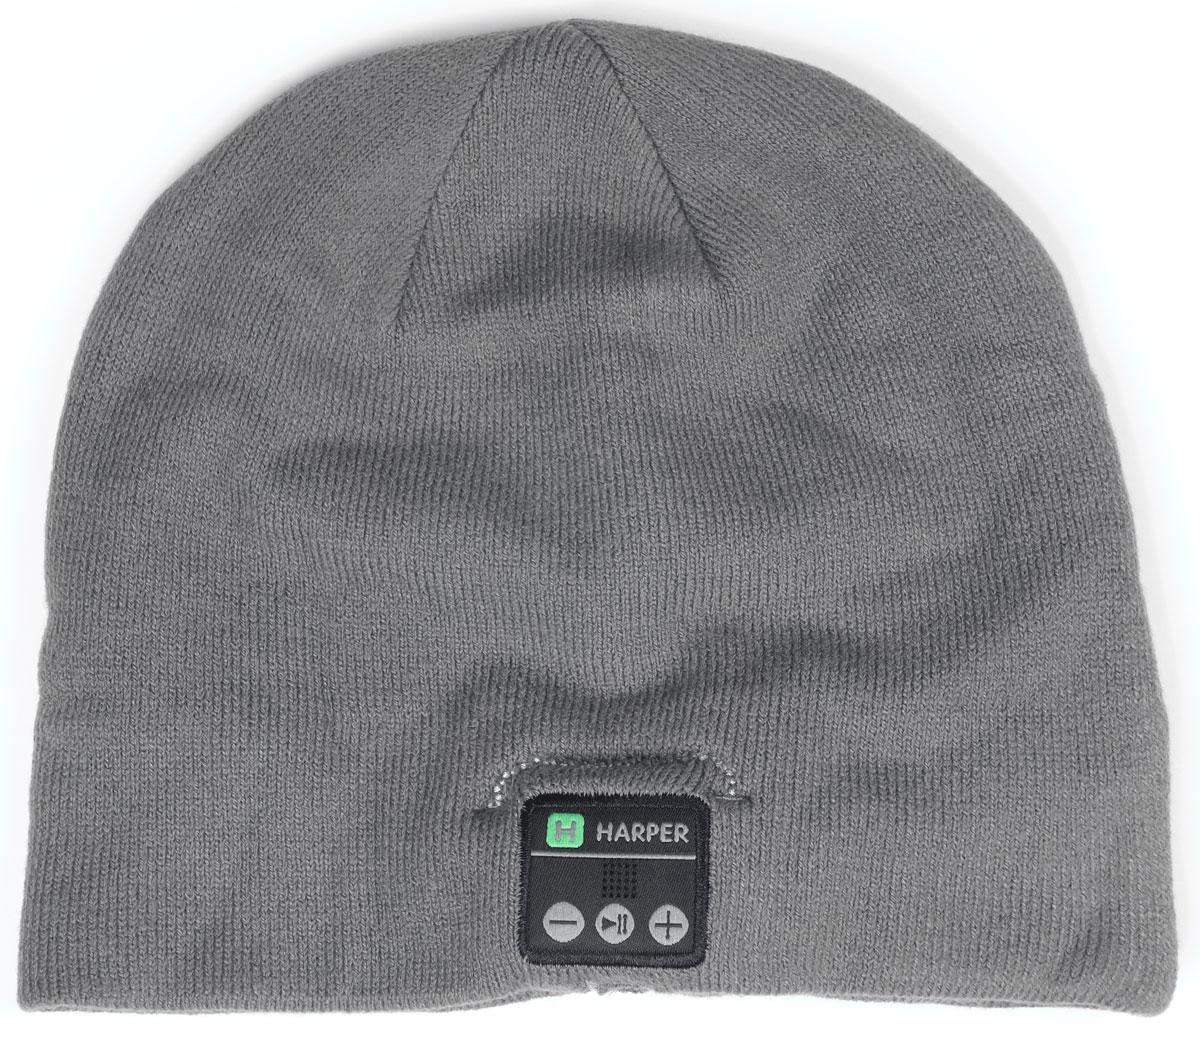 Harper HB-505, Gray шапка с Bluetooth-гарнитурой